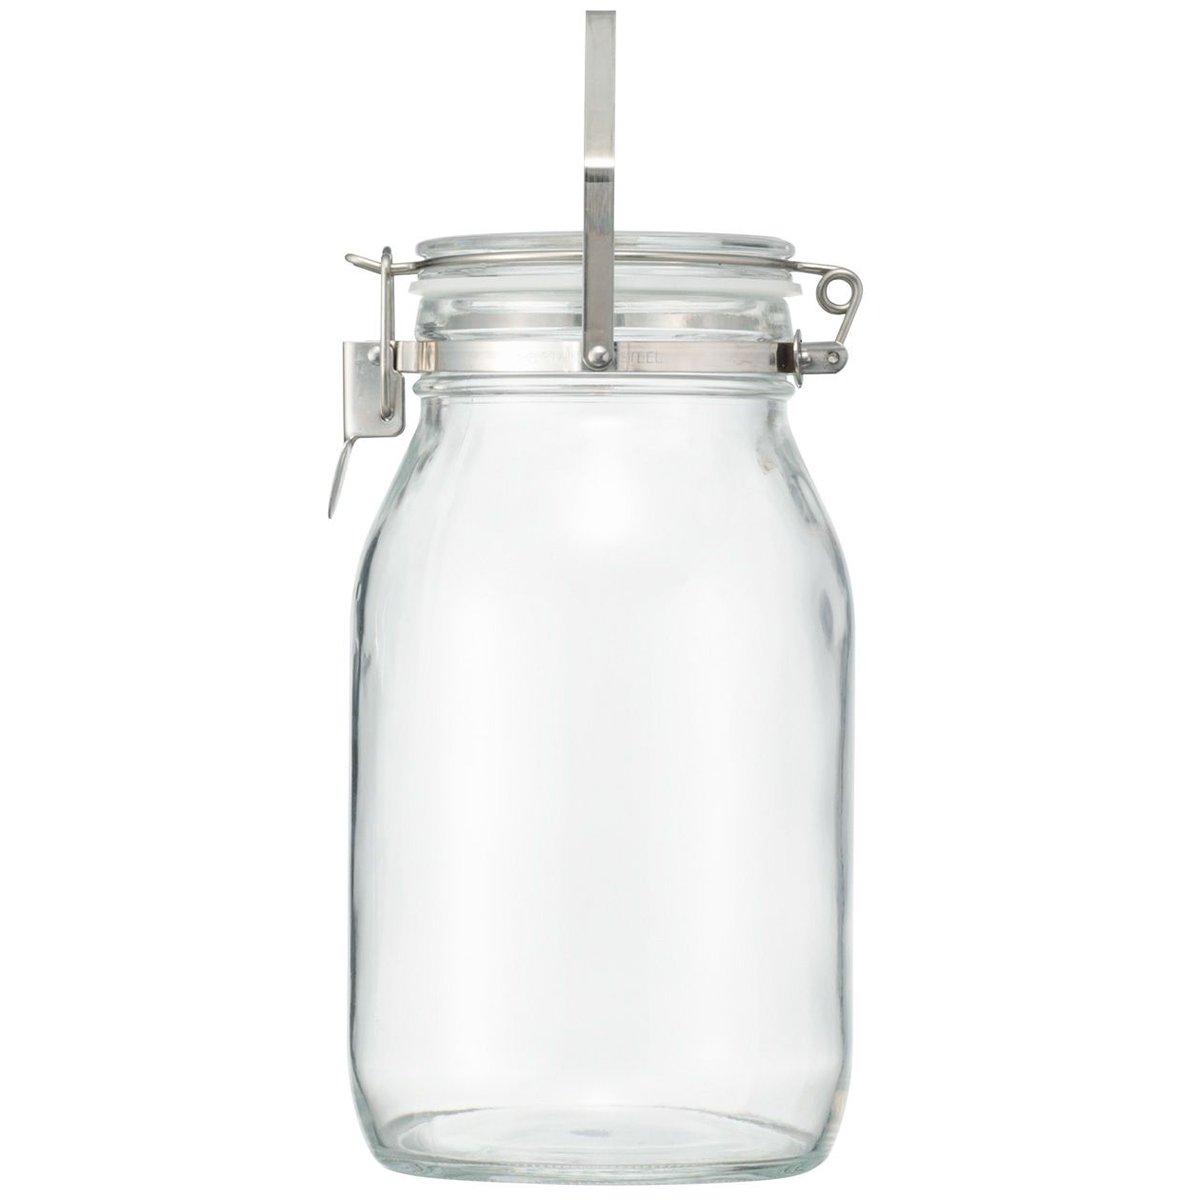 無印の入浴剤の入れ物が牛乳瓶ぽくて気に入ったので、ミルクの入浴剤.